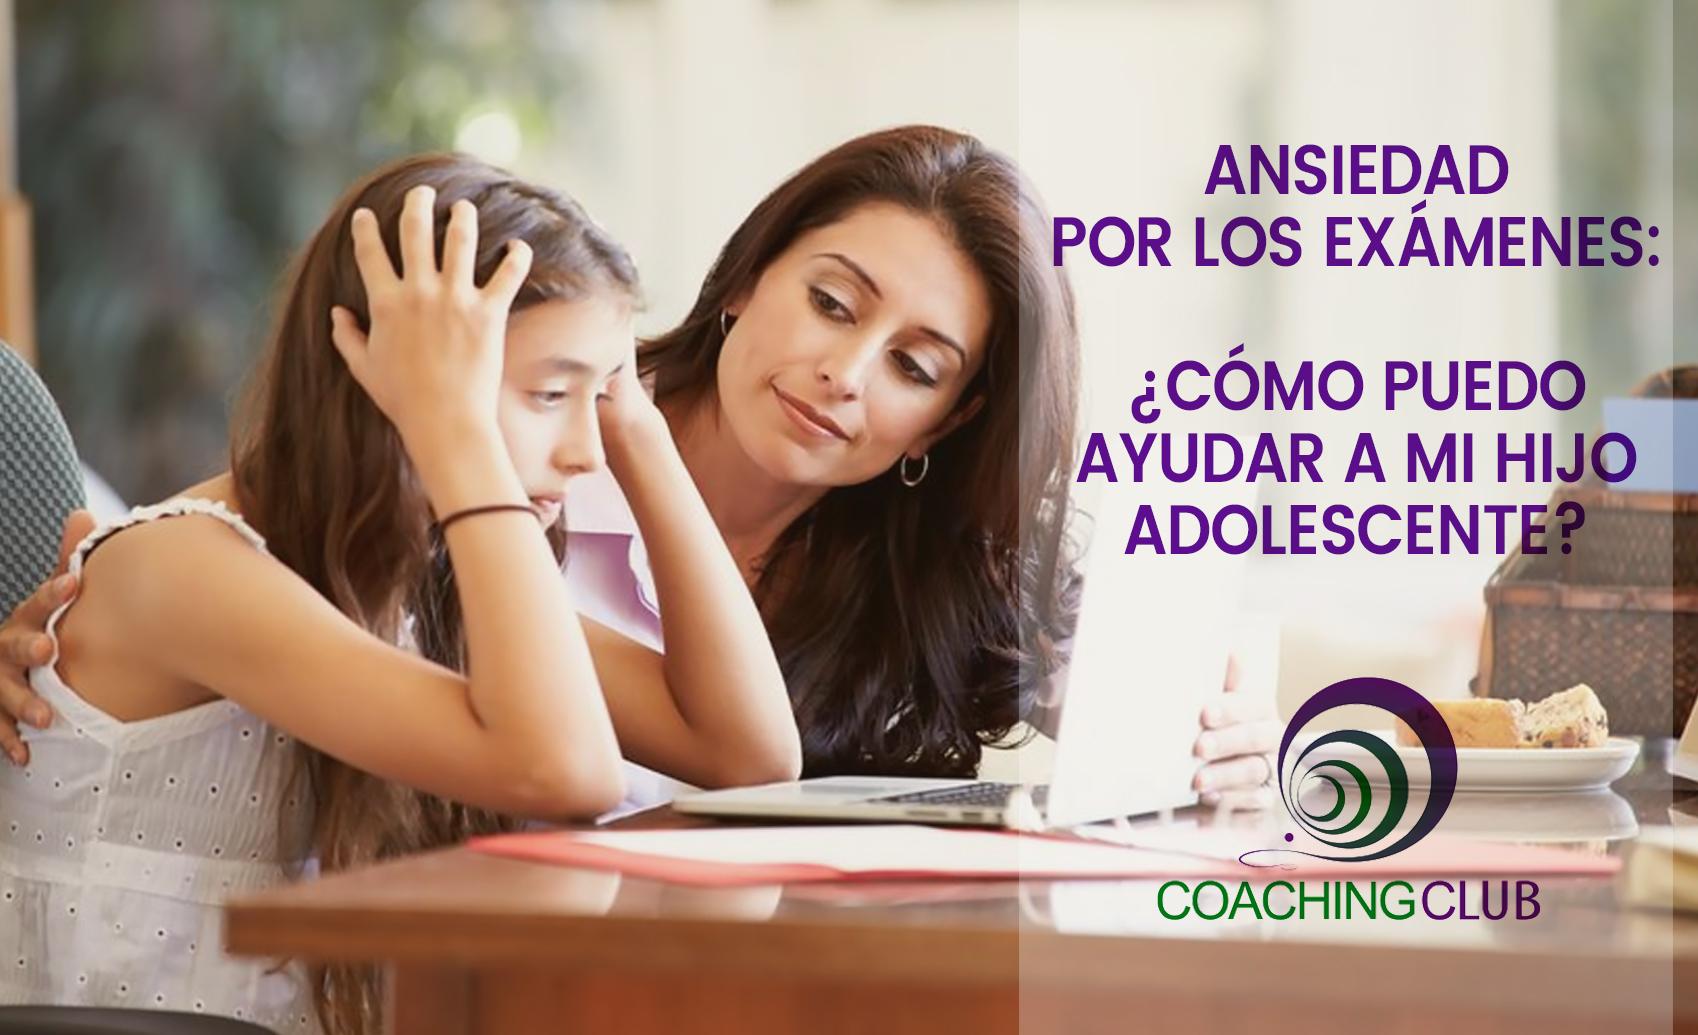 Ansiedad por los exámenes: ¿cómo puedo ayudar a mi hijo adolescente?